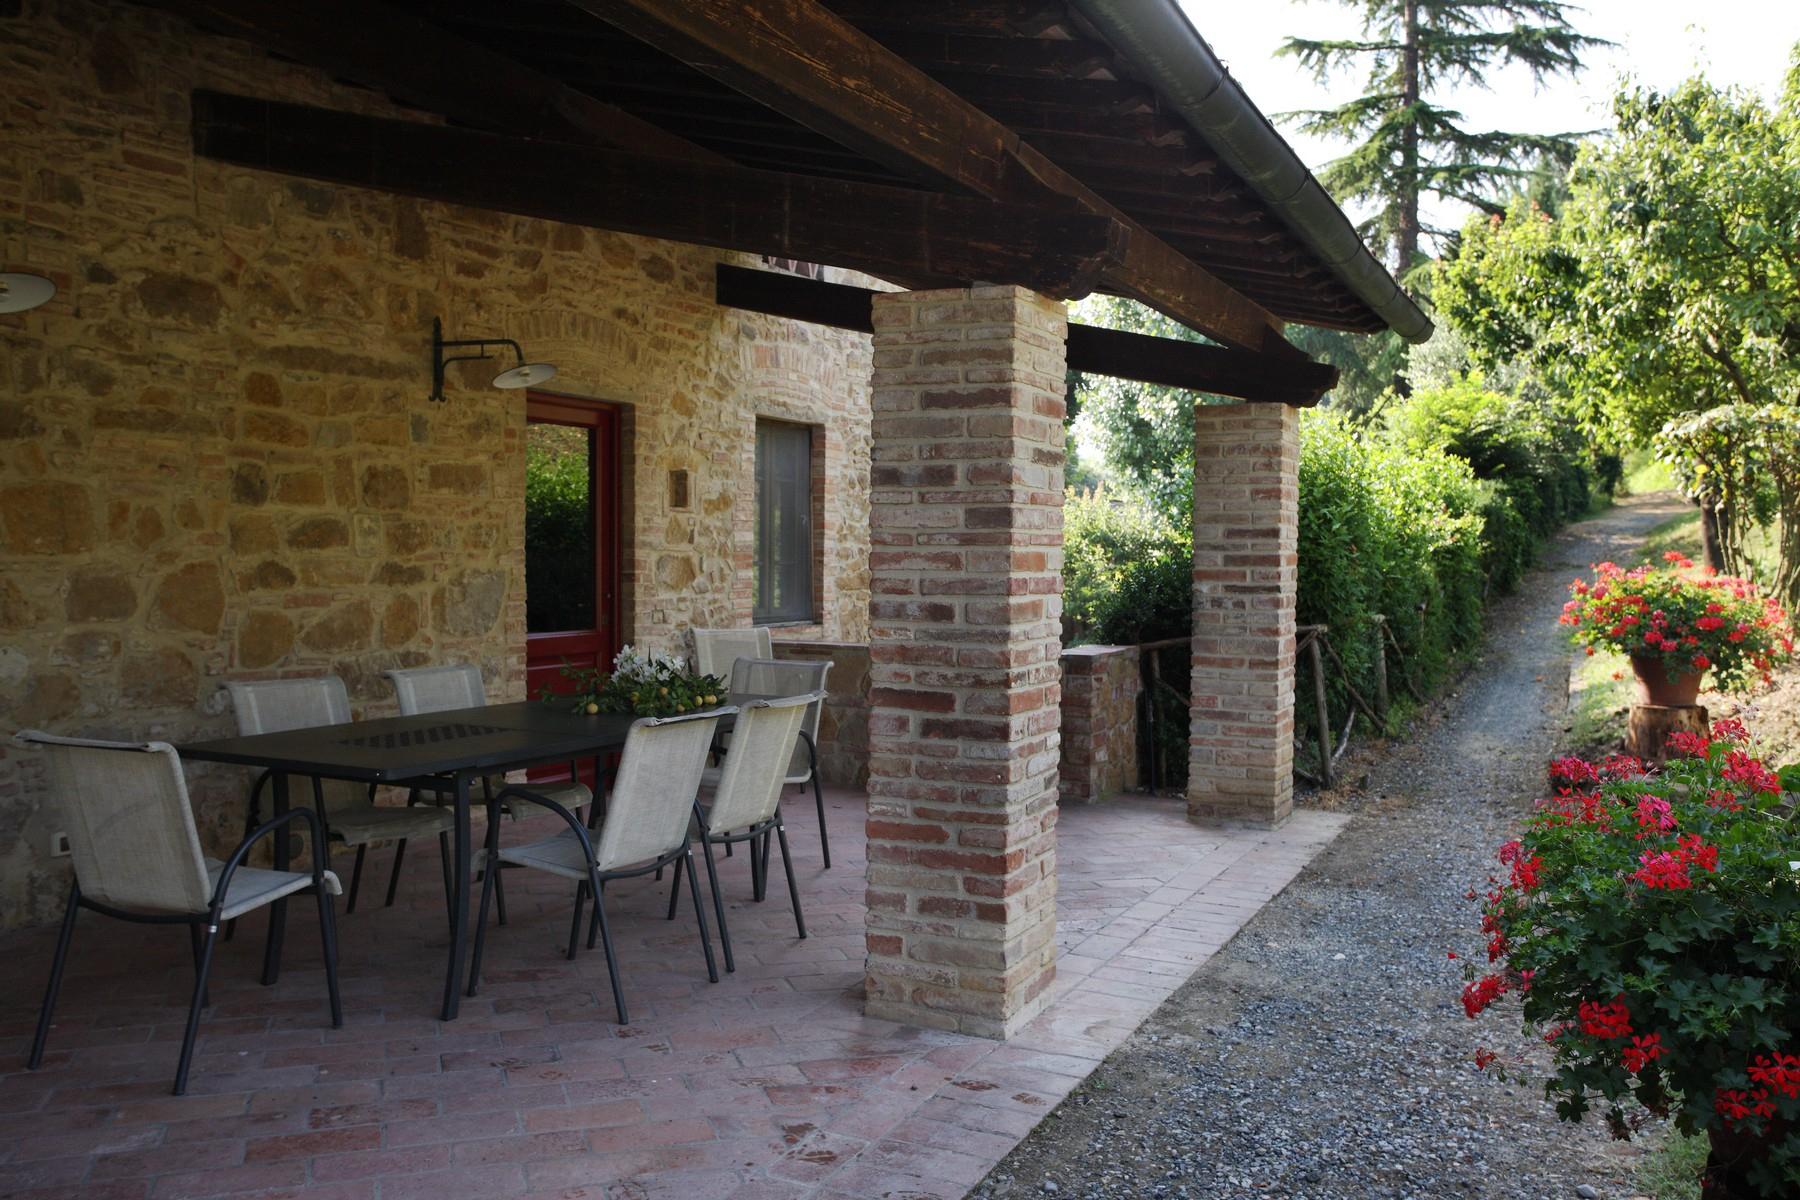 Rustico in Vendita a Montaione: 5 locali, 1200 mq - Foto 3